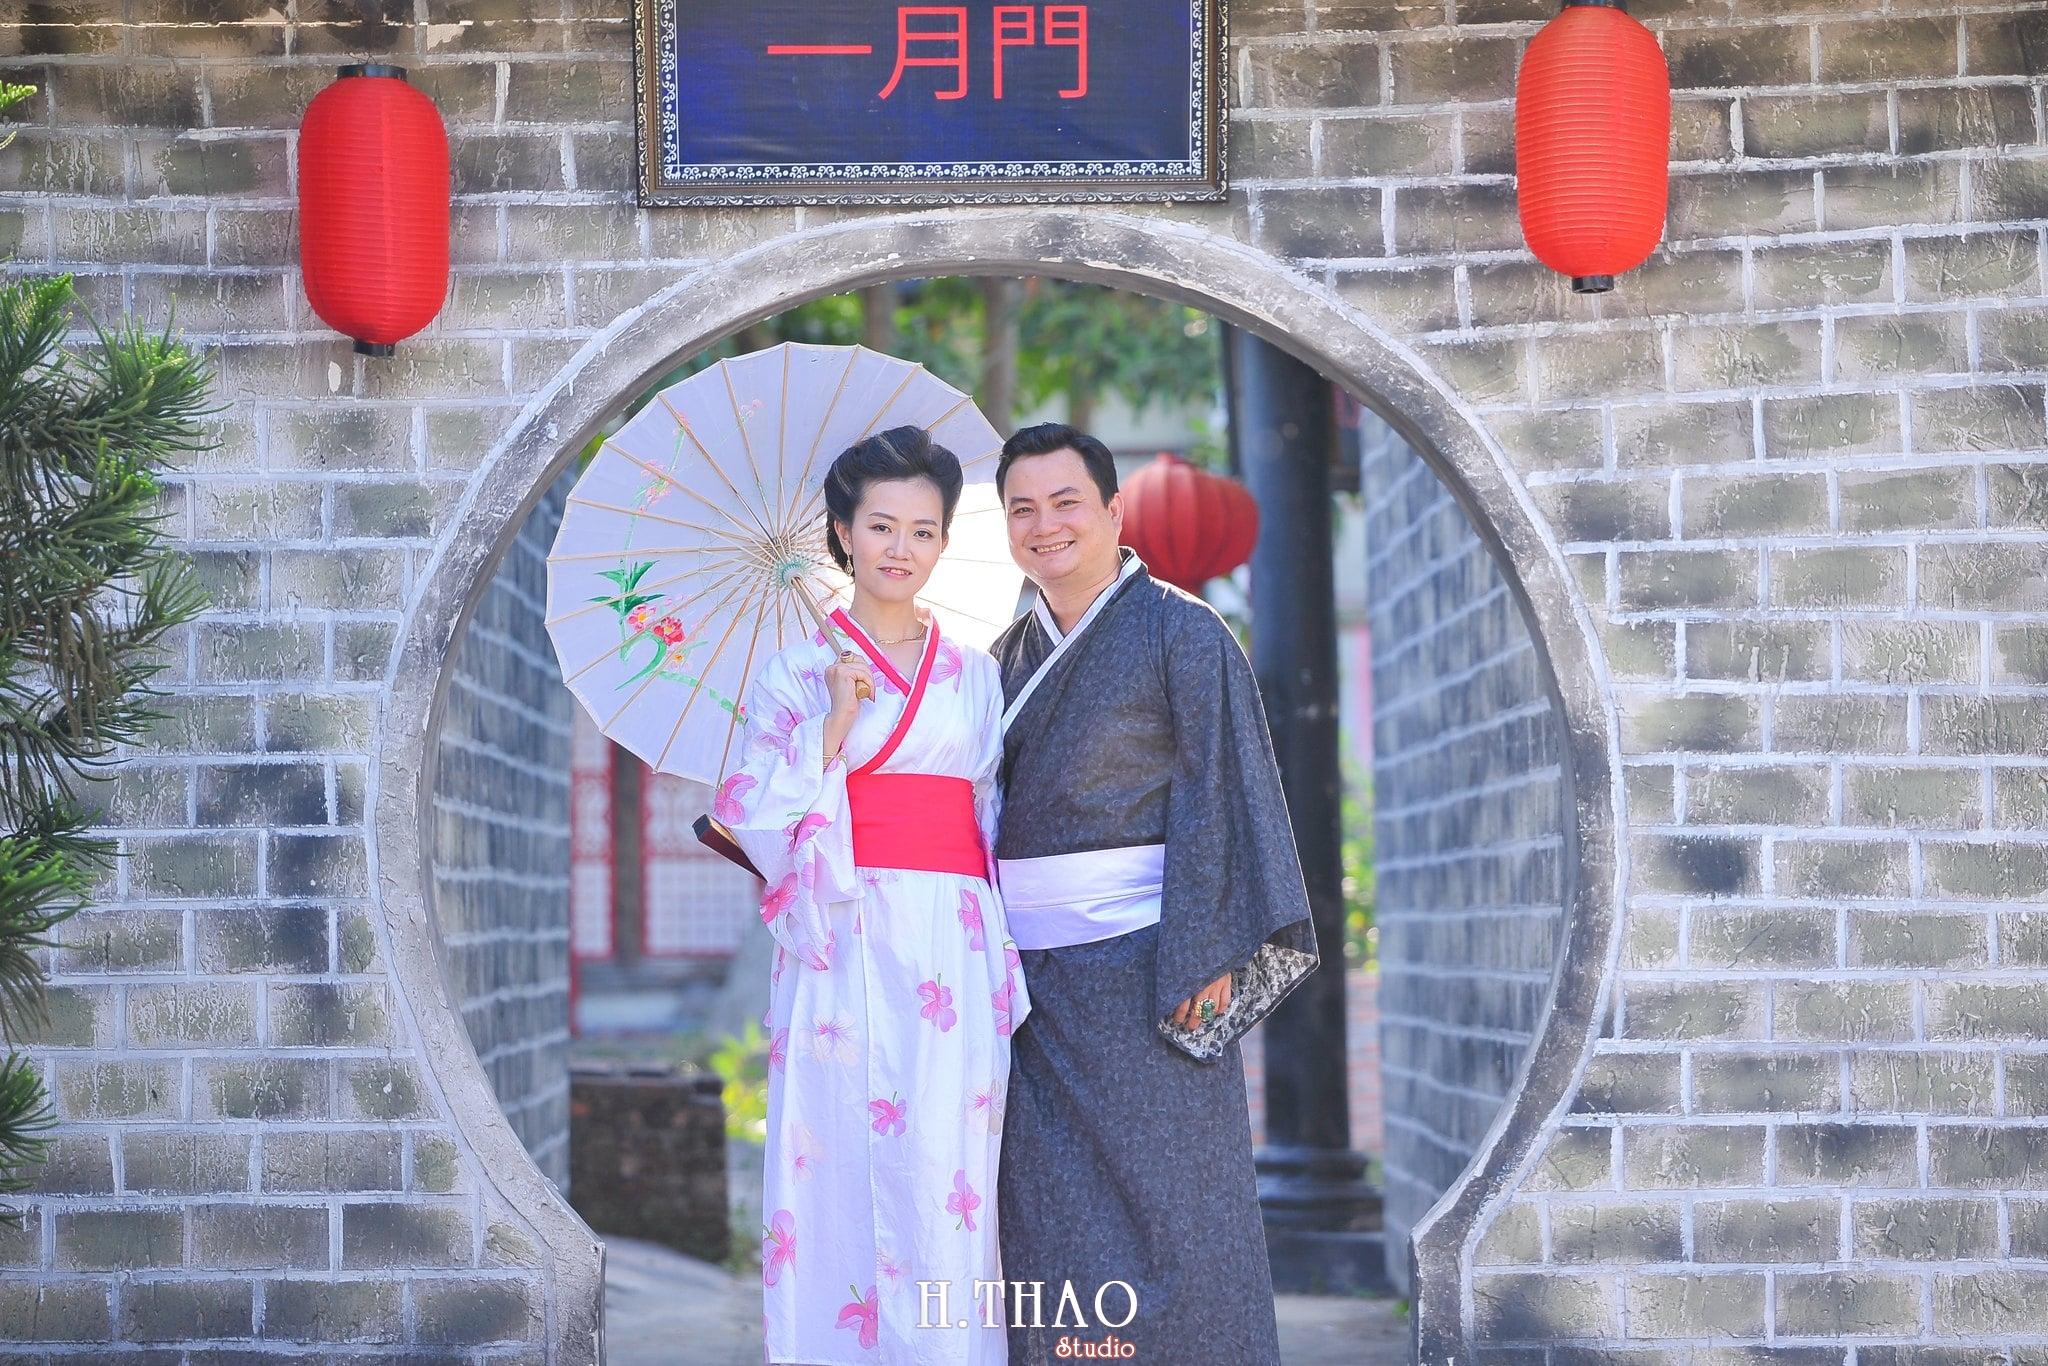 Anh chup voi Kimono 1 - Studio chụp ảnh Cổ trang trung quốc đẹp độc lạ ở Tp.HCM